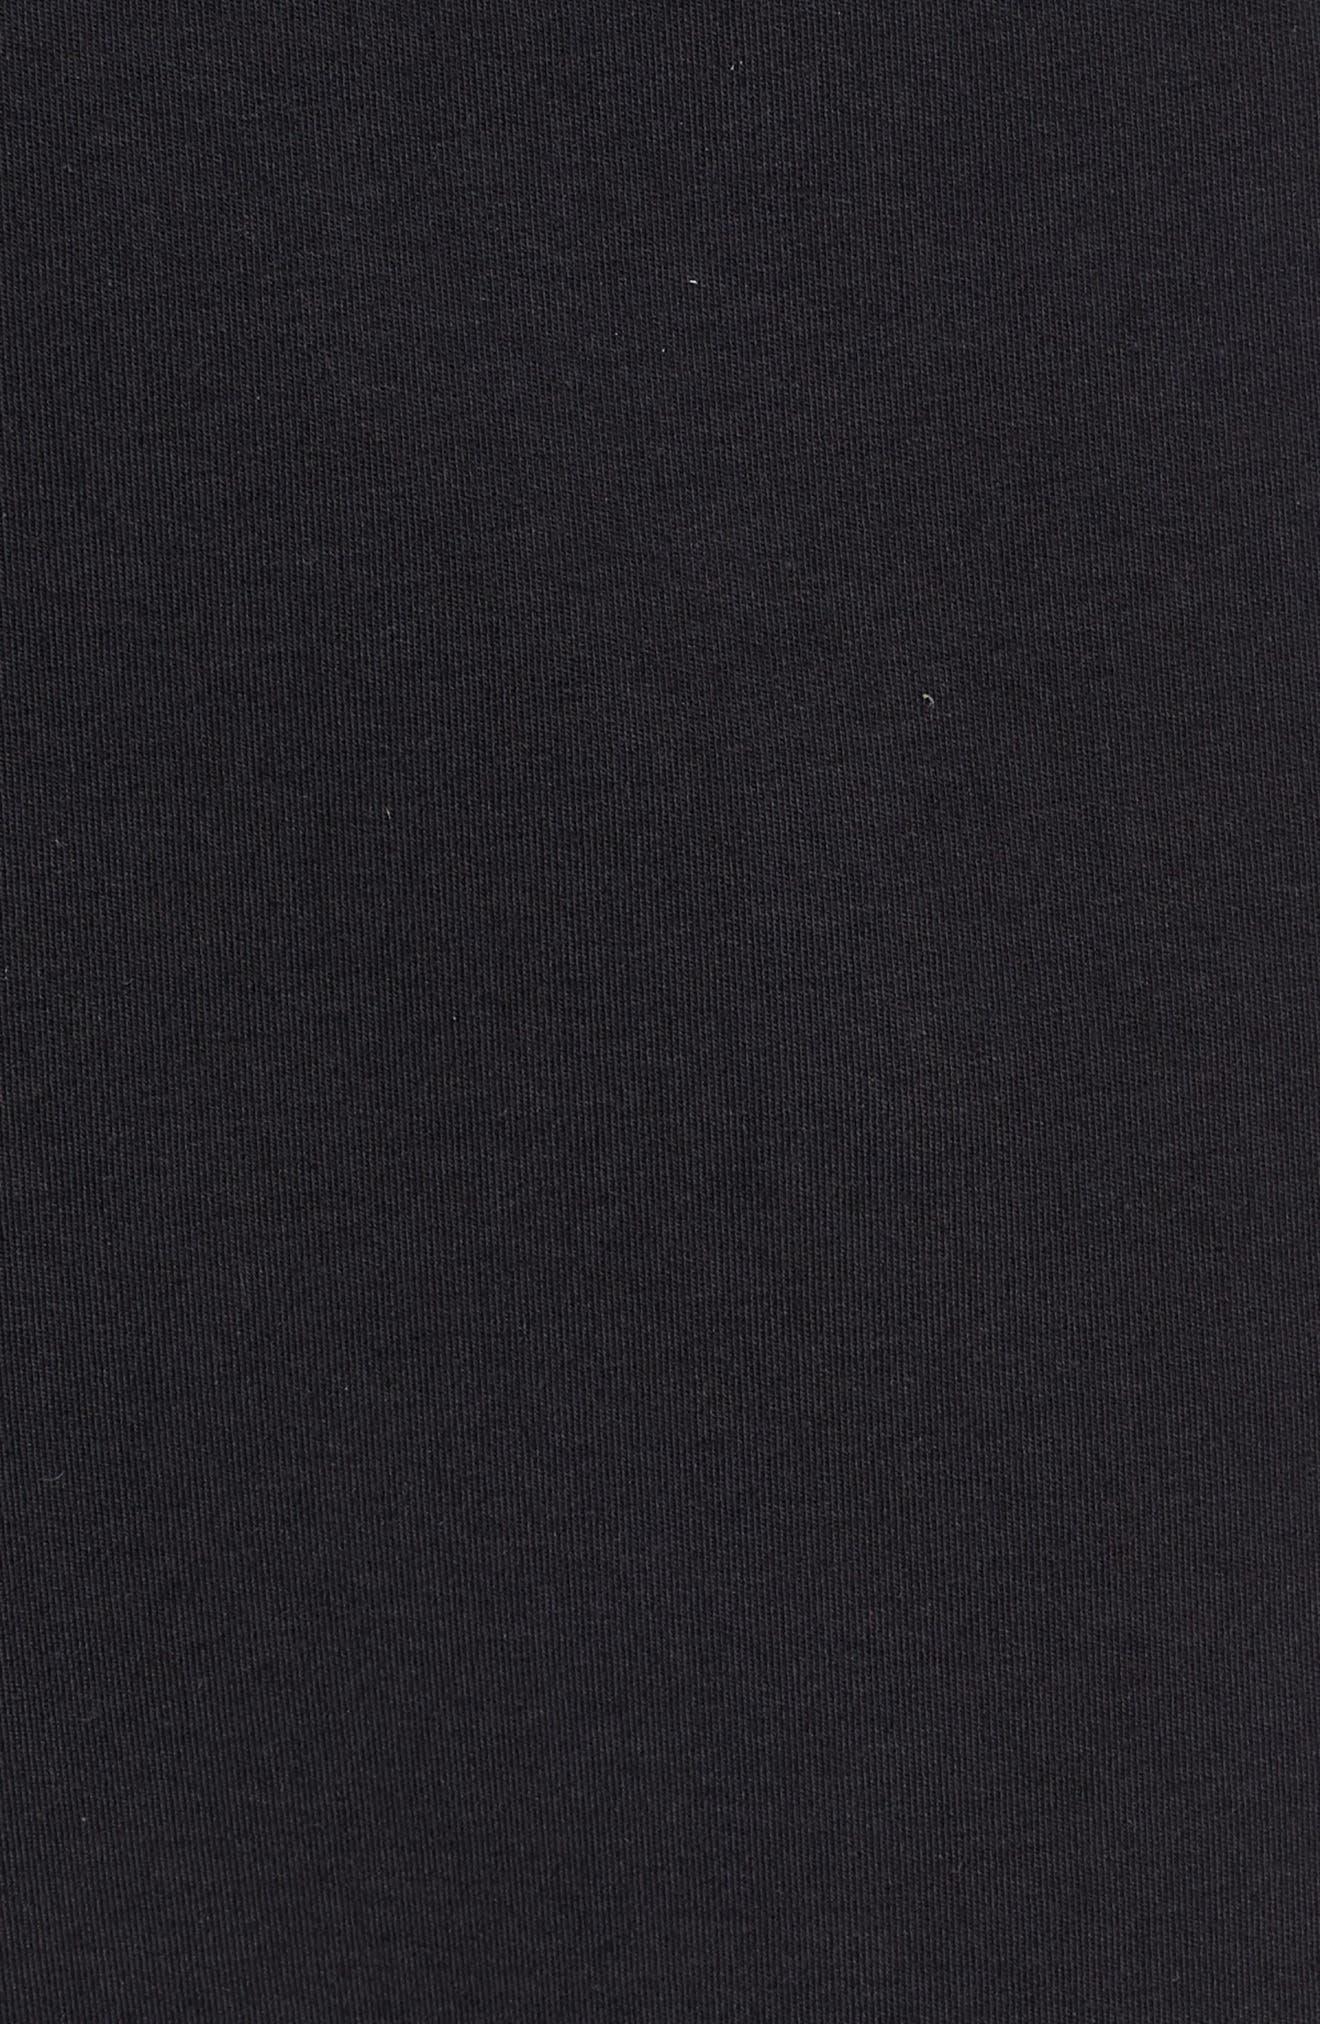 Tech Knit Jogger Pants,                             Alternate thumbnail 5, color,                             BLACK/ BLACK